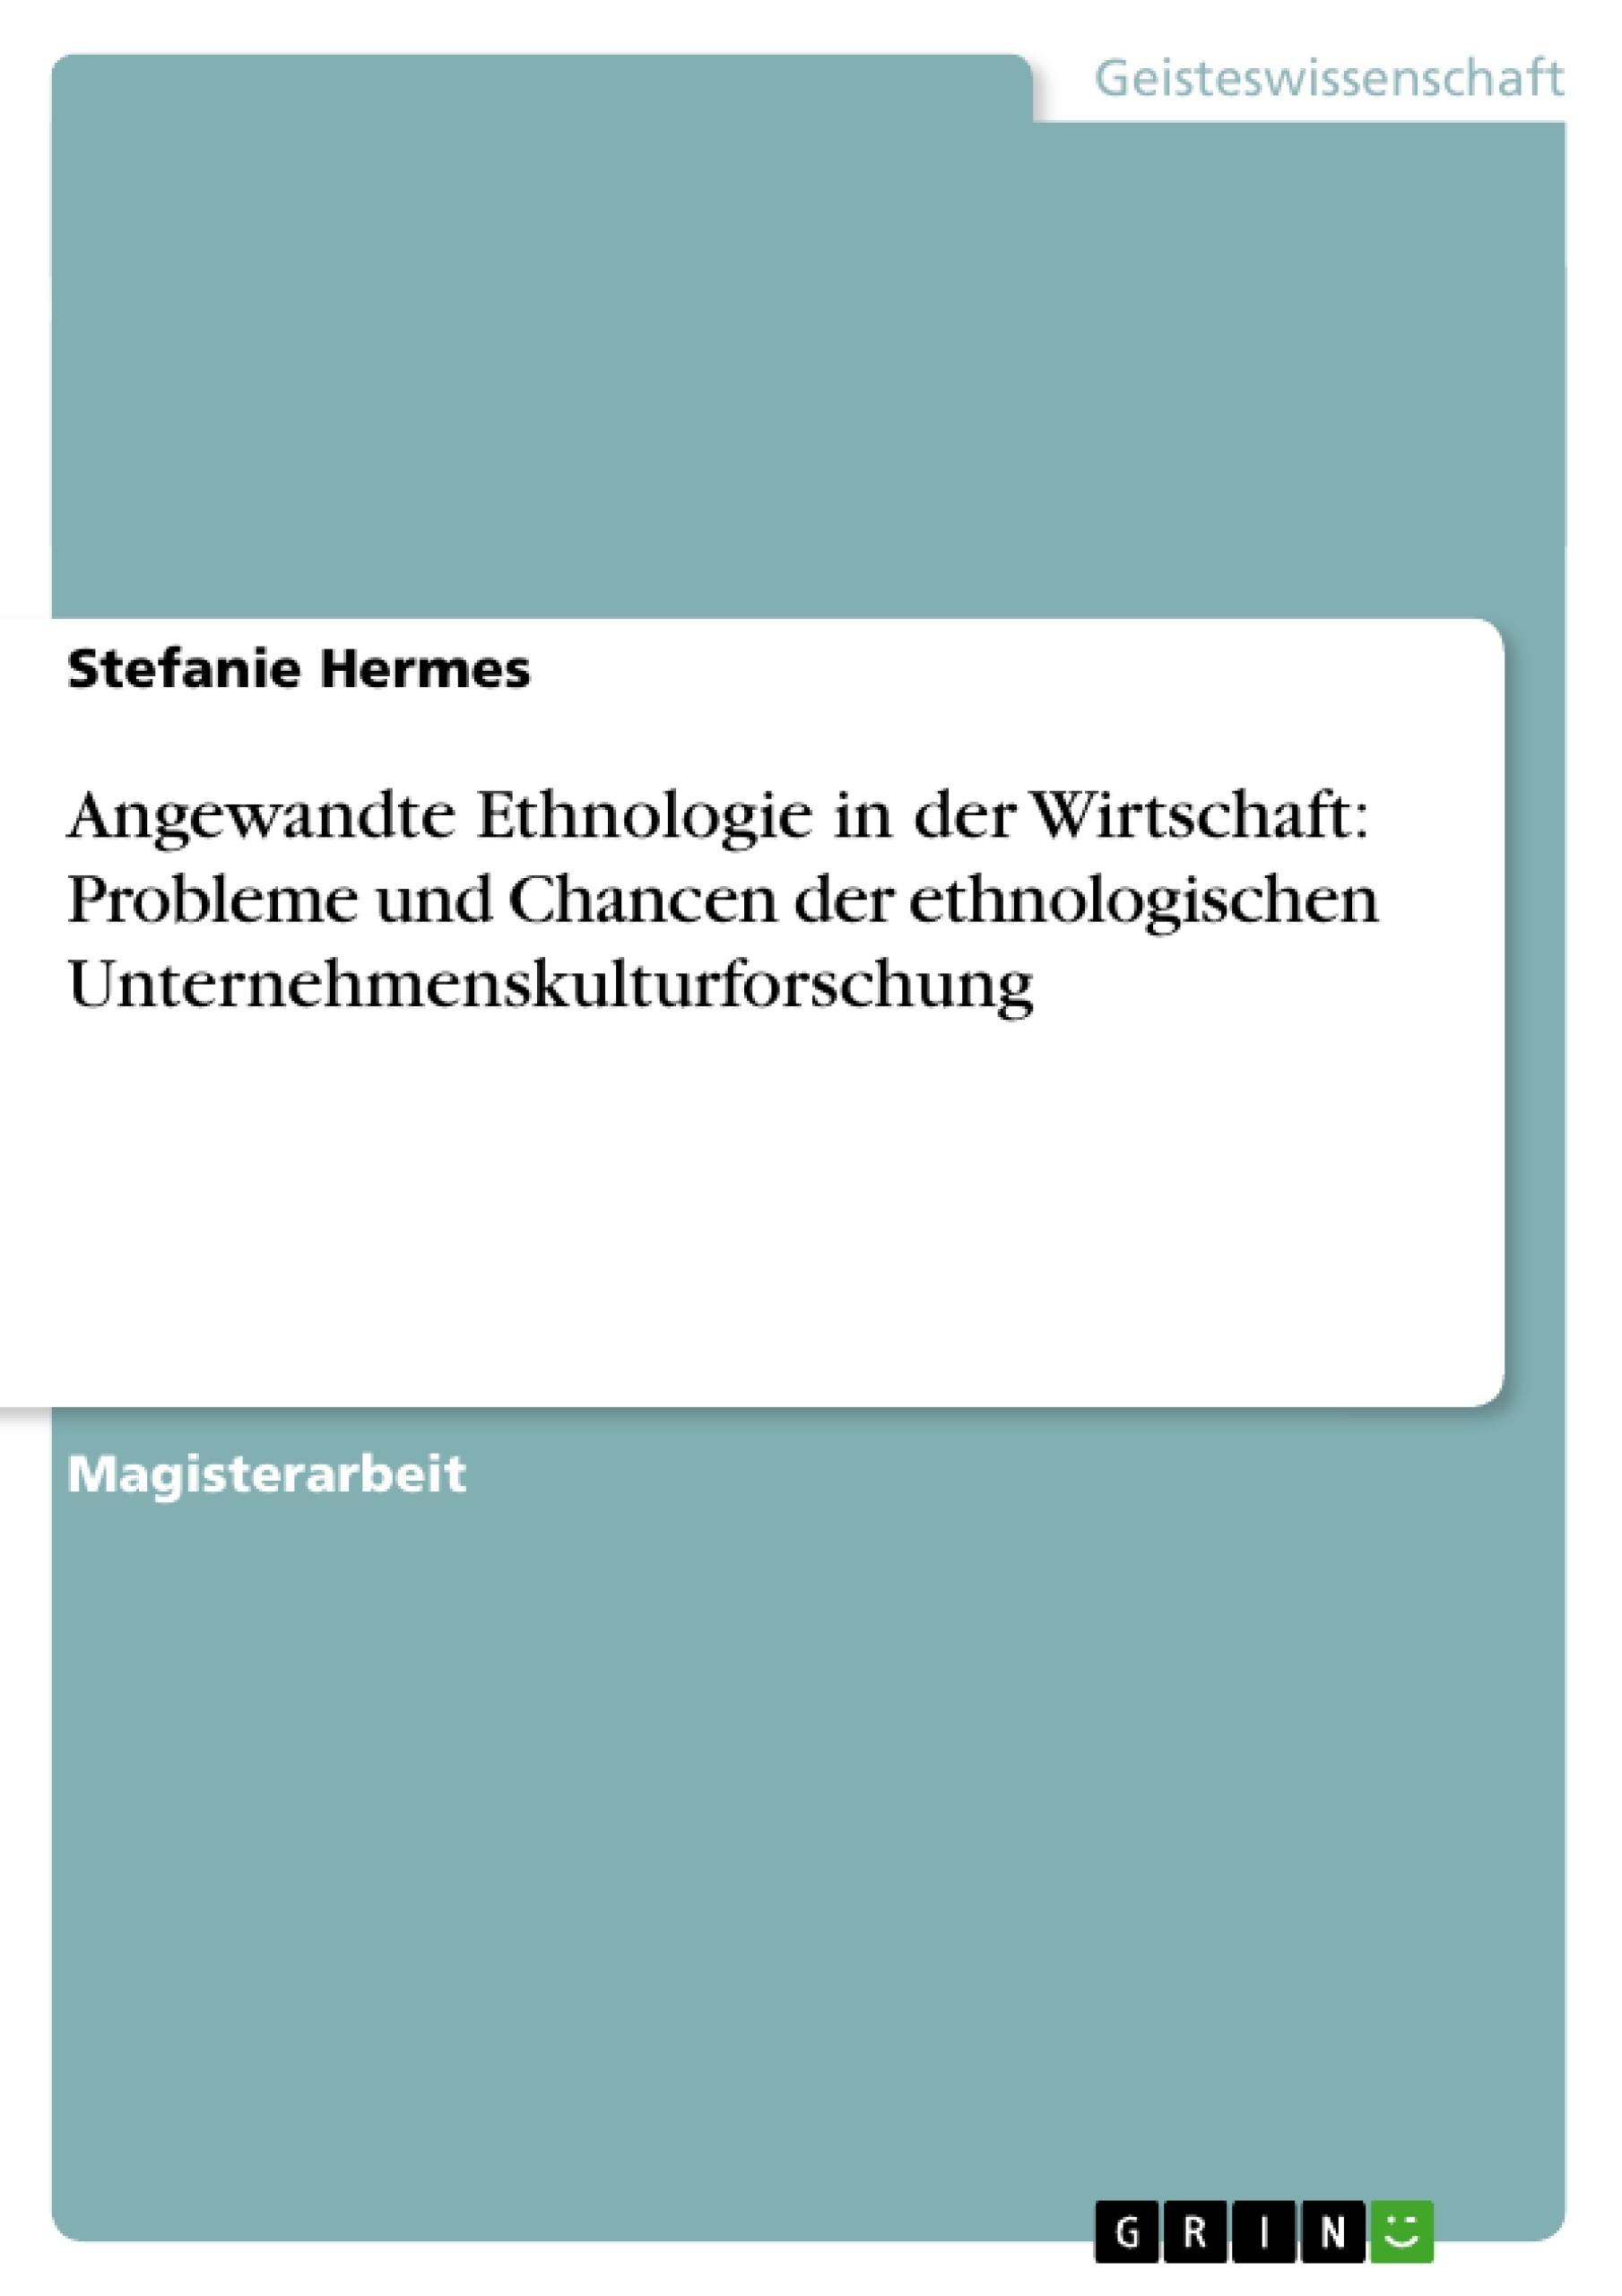 Titel: Angewandte Ethnologie in der Wirtschaft: Probleme und Chancen der ethnologischen Unternehmenskulturforschung